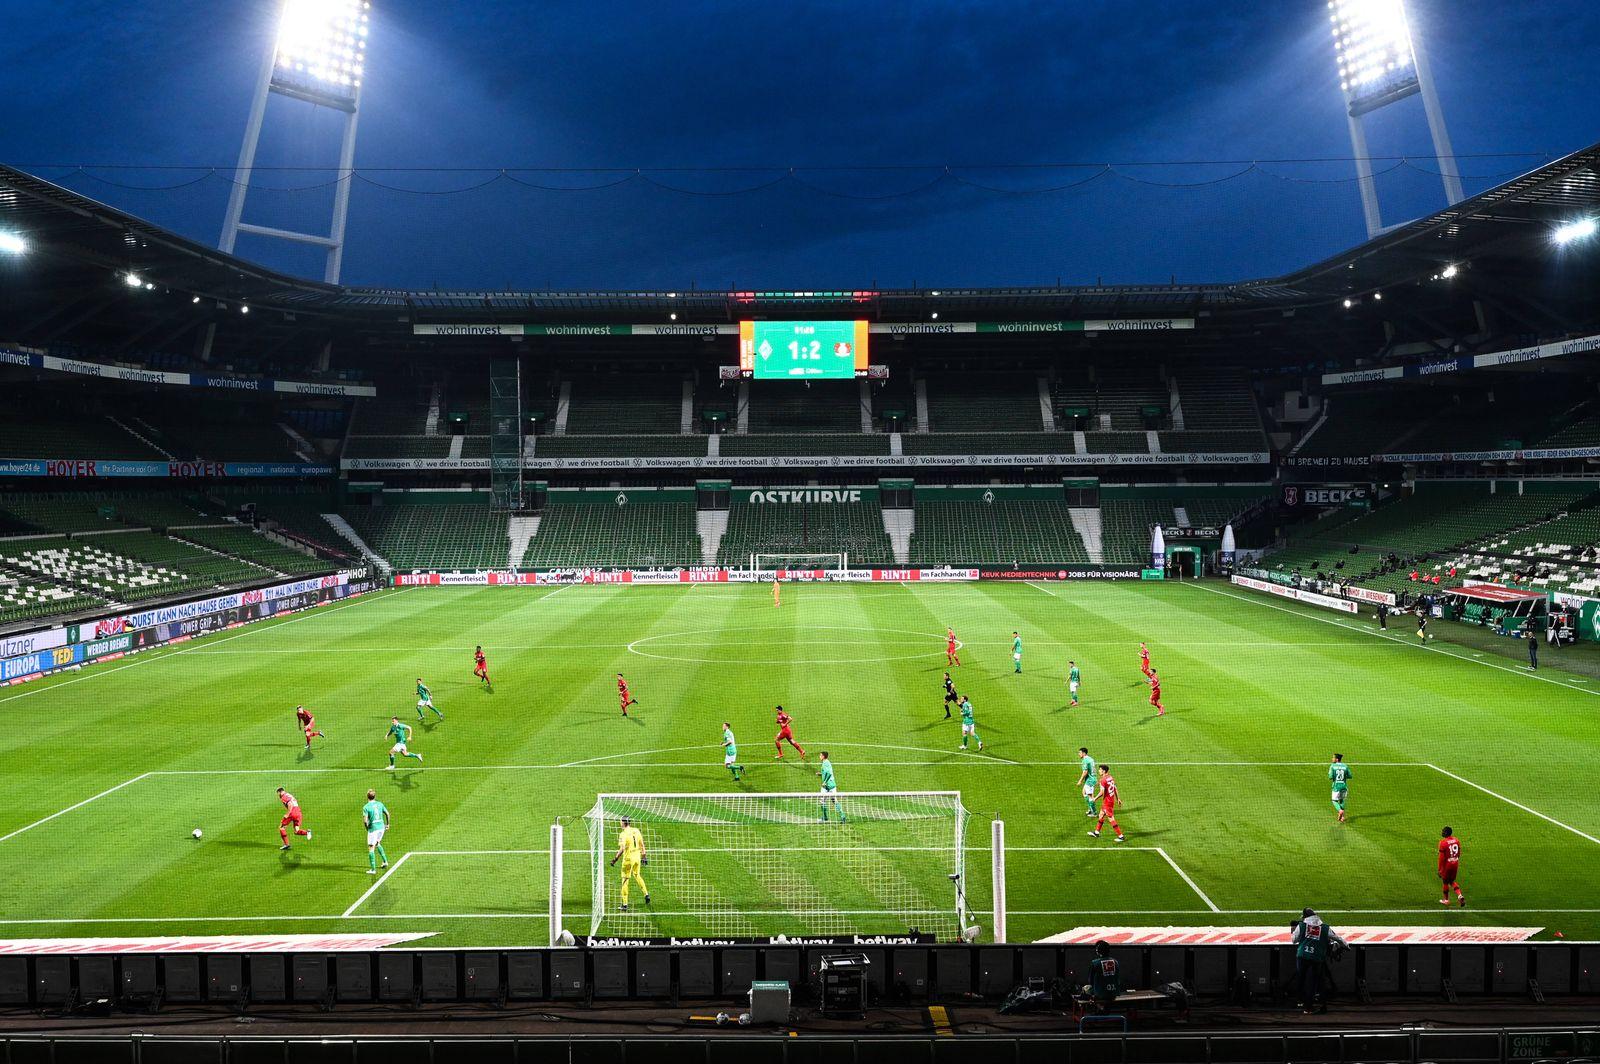 SV Werder Bremen - Bayer 04 Leverkusen, 18.05.2020 Stadionuebersicht waehrend der Begegnung SV Werder Bremen gegen Baye